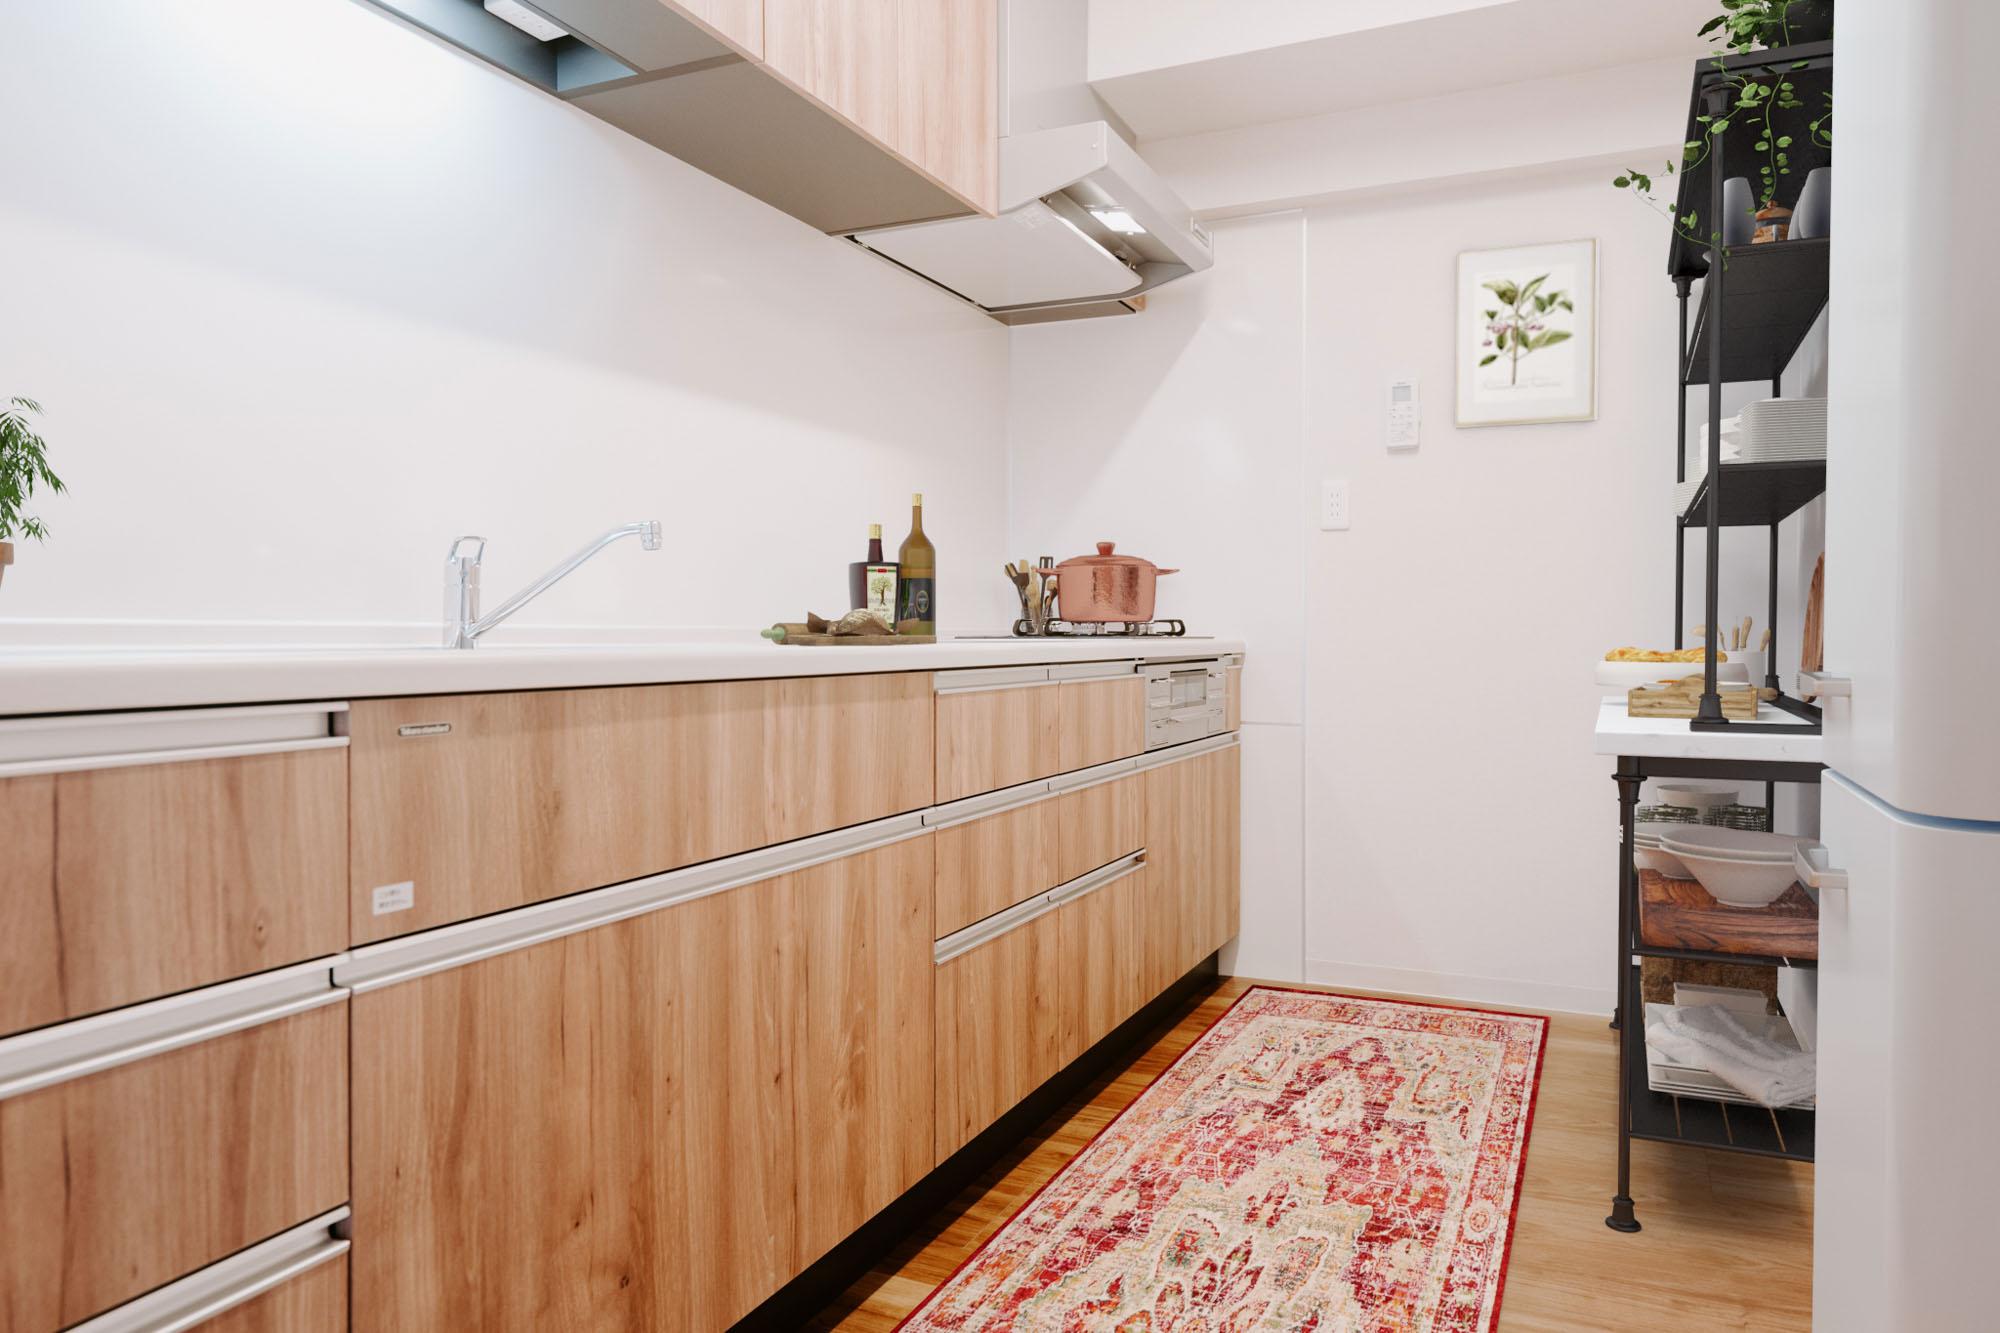 キッチンもグレードアップしたものに交換済み。内装とマッチしたデザインが嬉しいです。